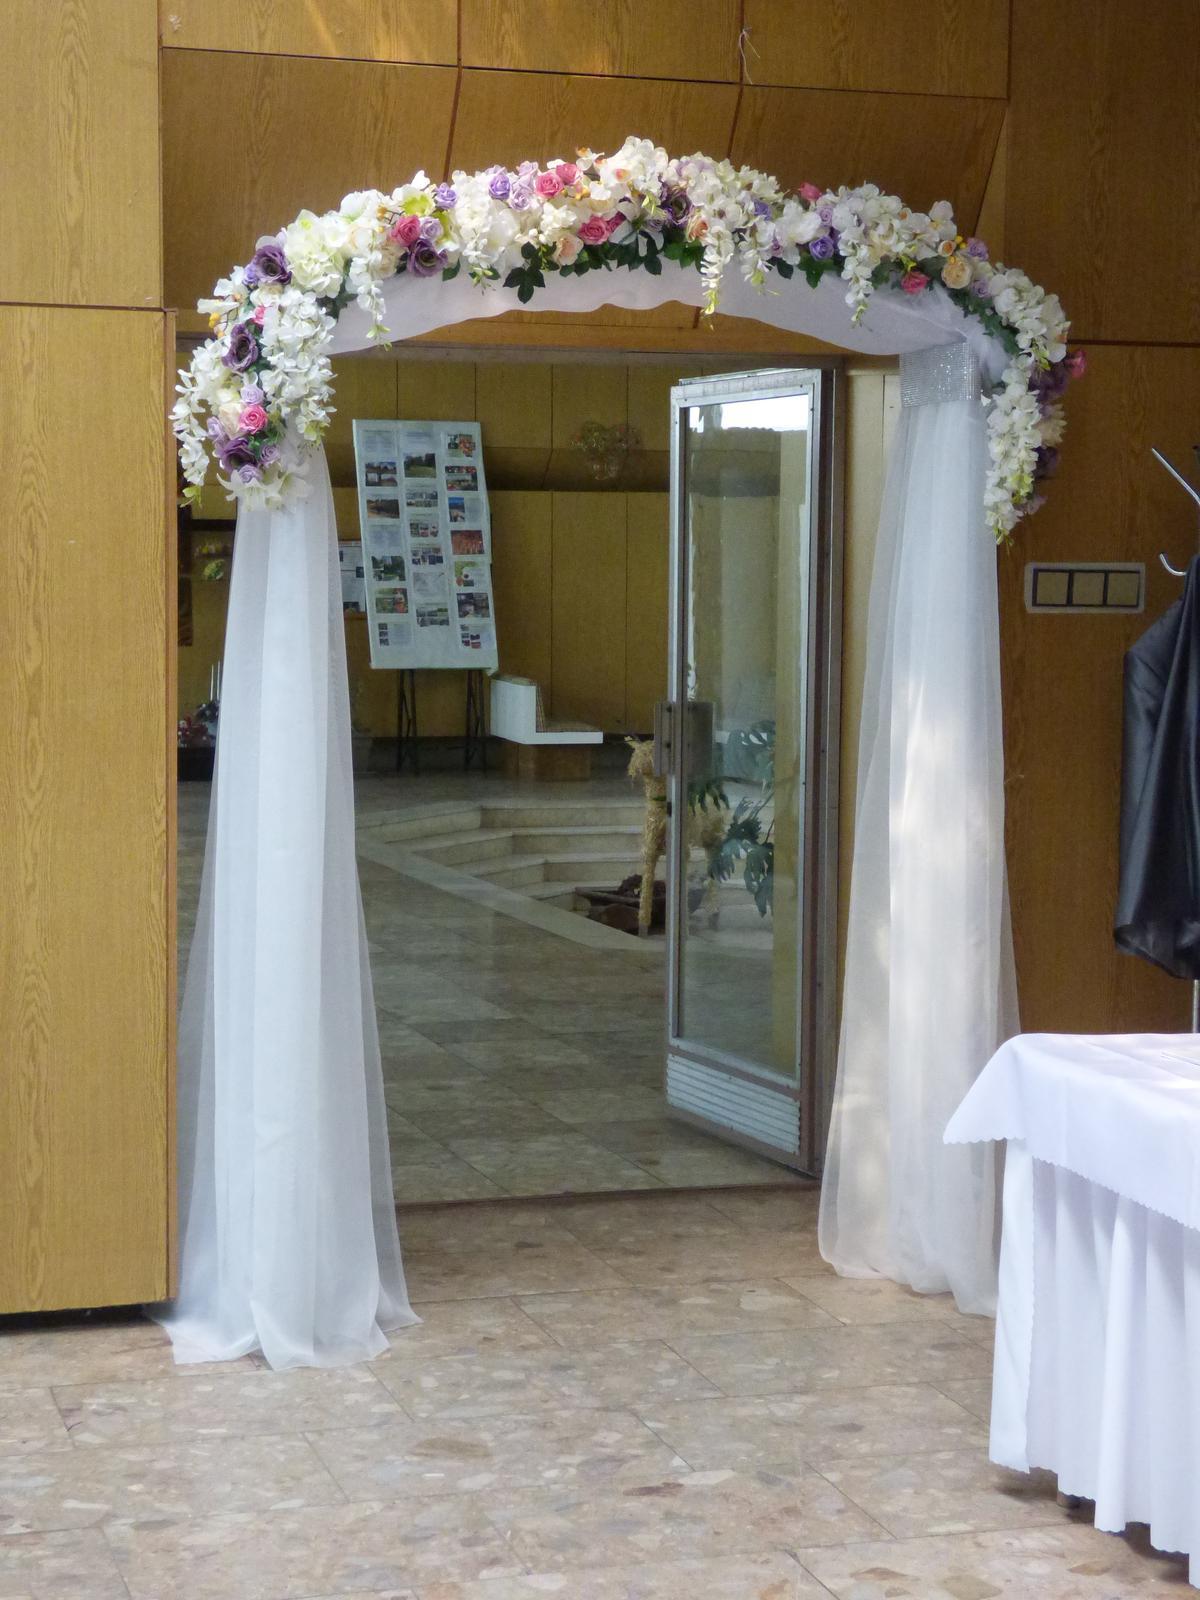 Svadobné dekorácie - Obrázok č. 4